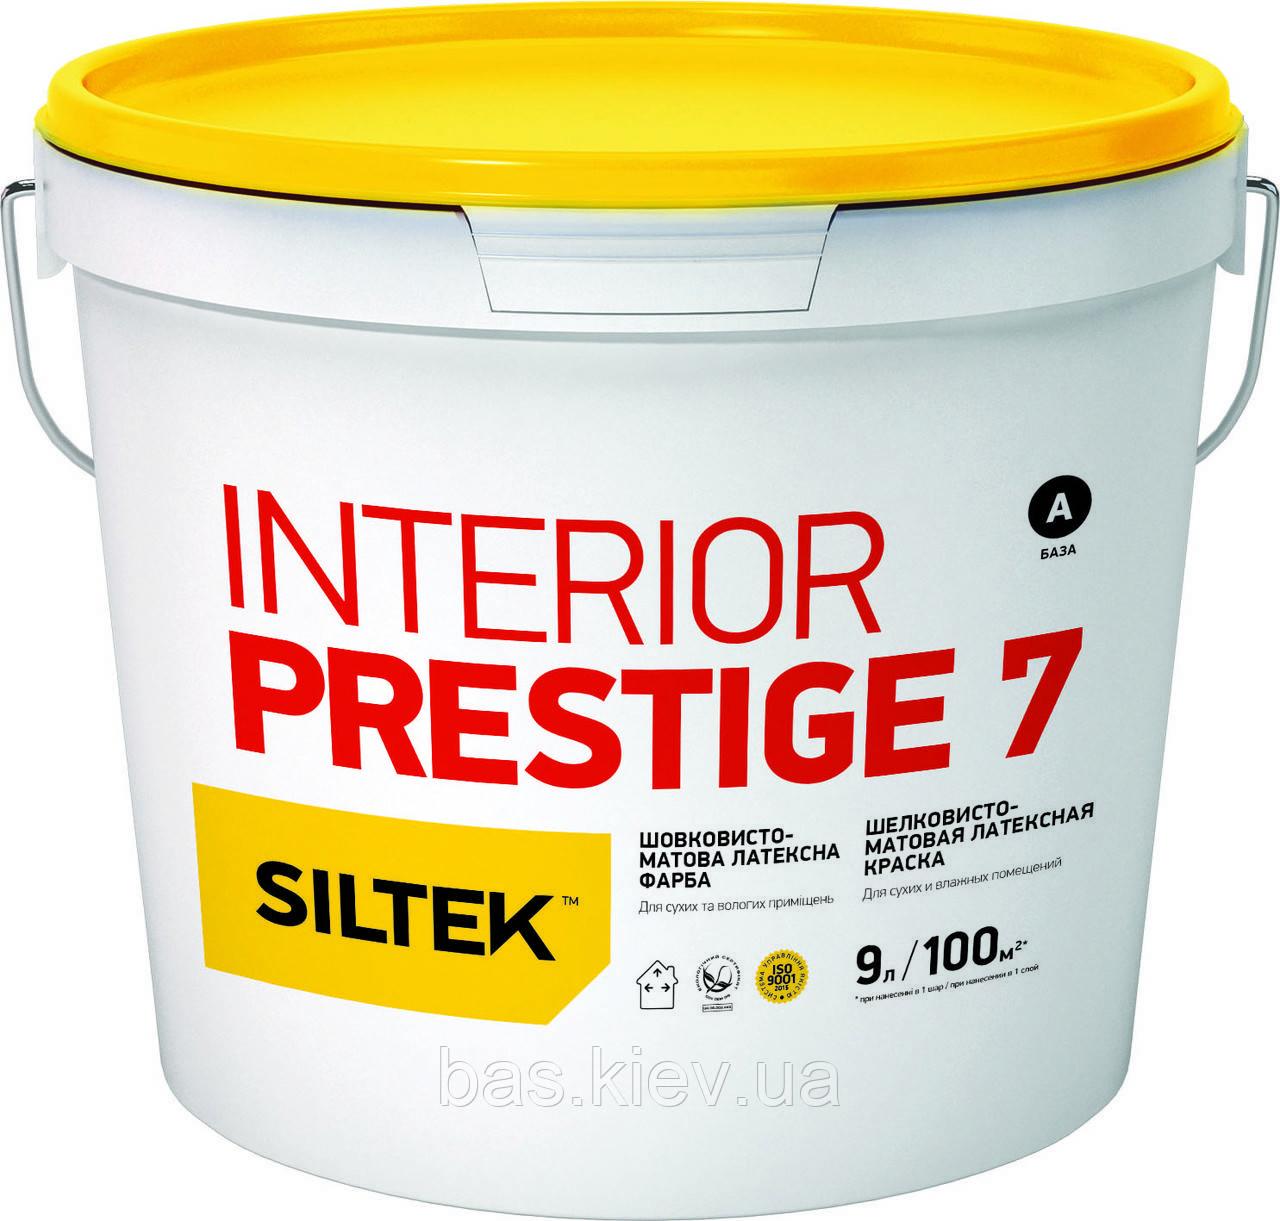 Фарба латексна особливо міцна  SILTEK INTERIOR PRESTIGE 7 , 9л